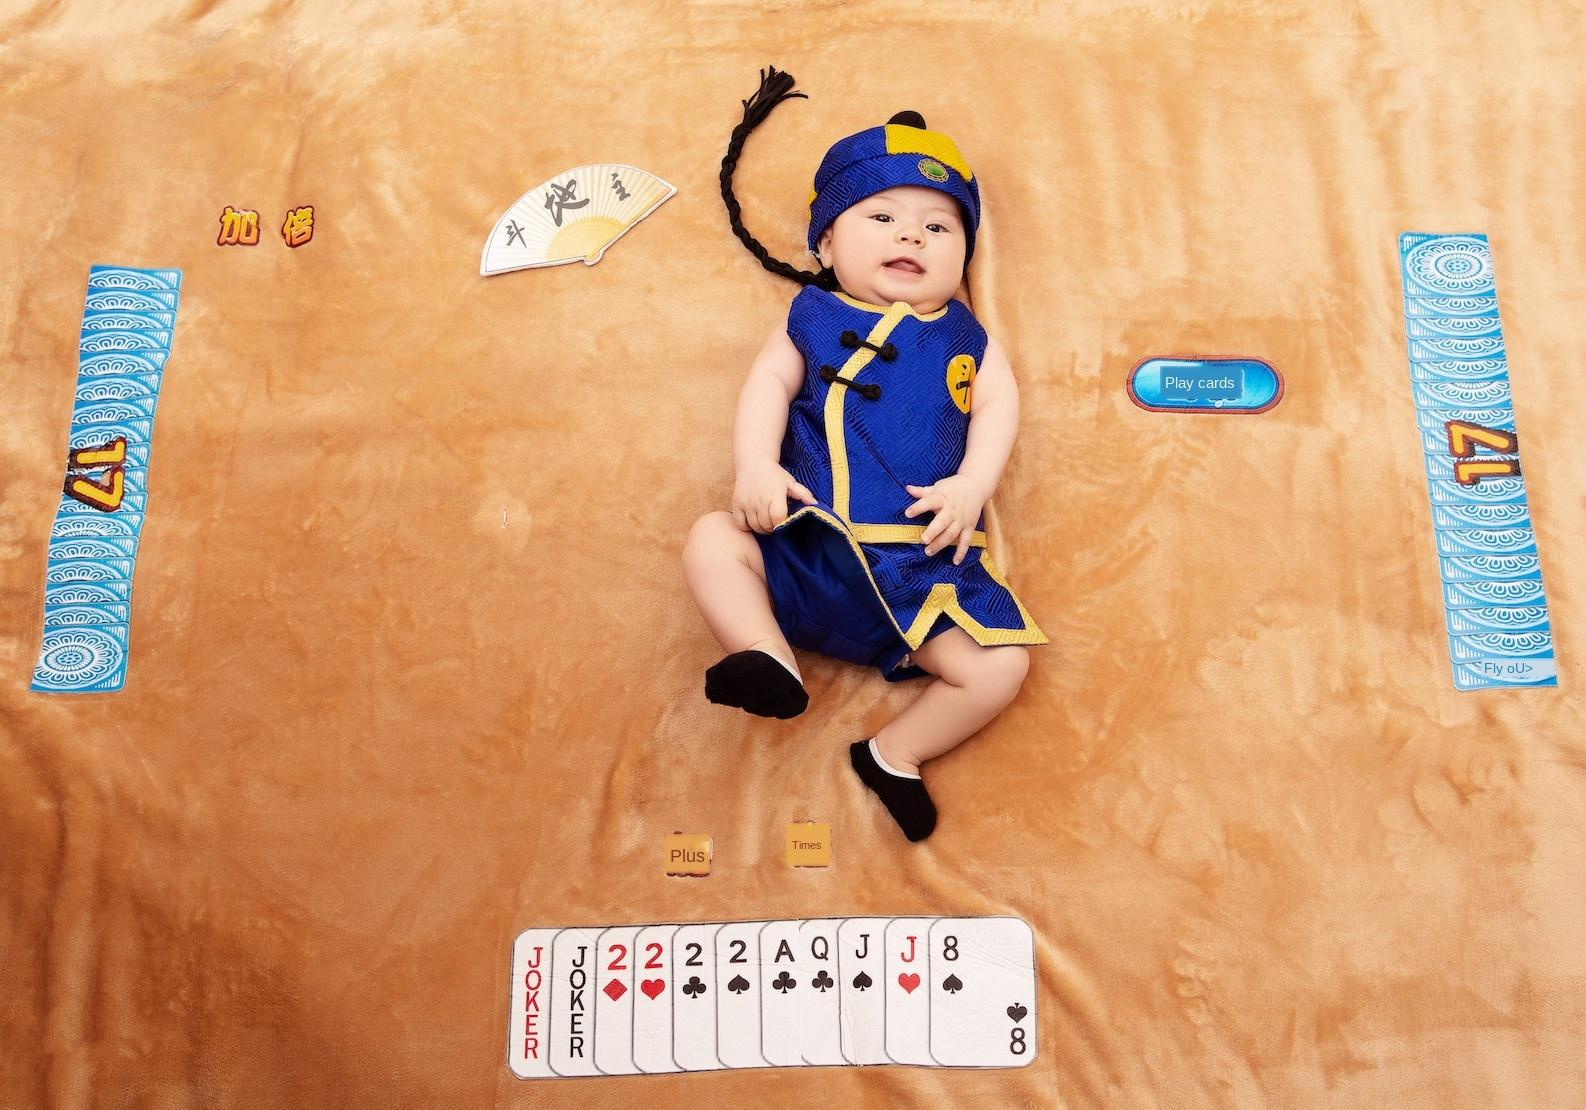 stile studio fotografico del bambino dei nuovi bambini 8Zruf nuovo stile di abbigliamento fotografia studio fotografico fotografia tema clothin del bambino tema per bambini